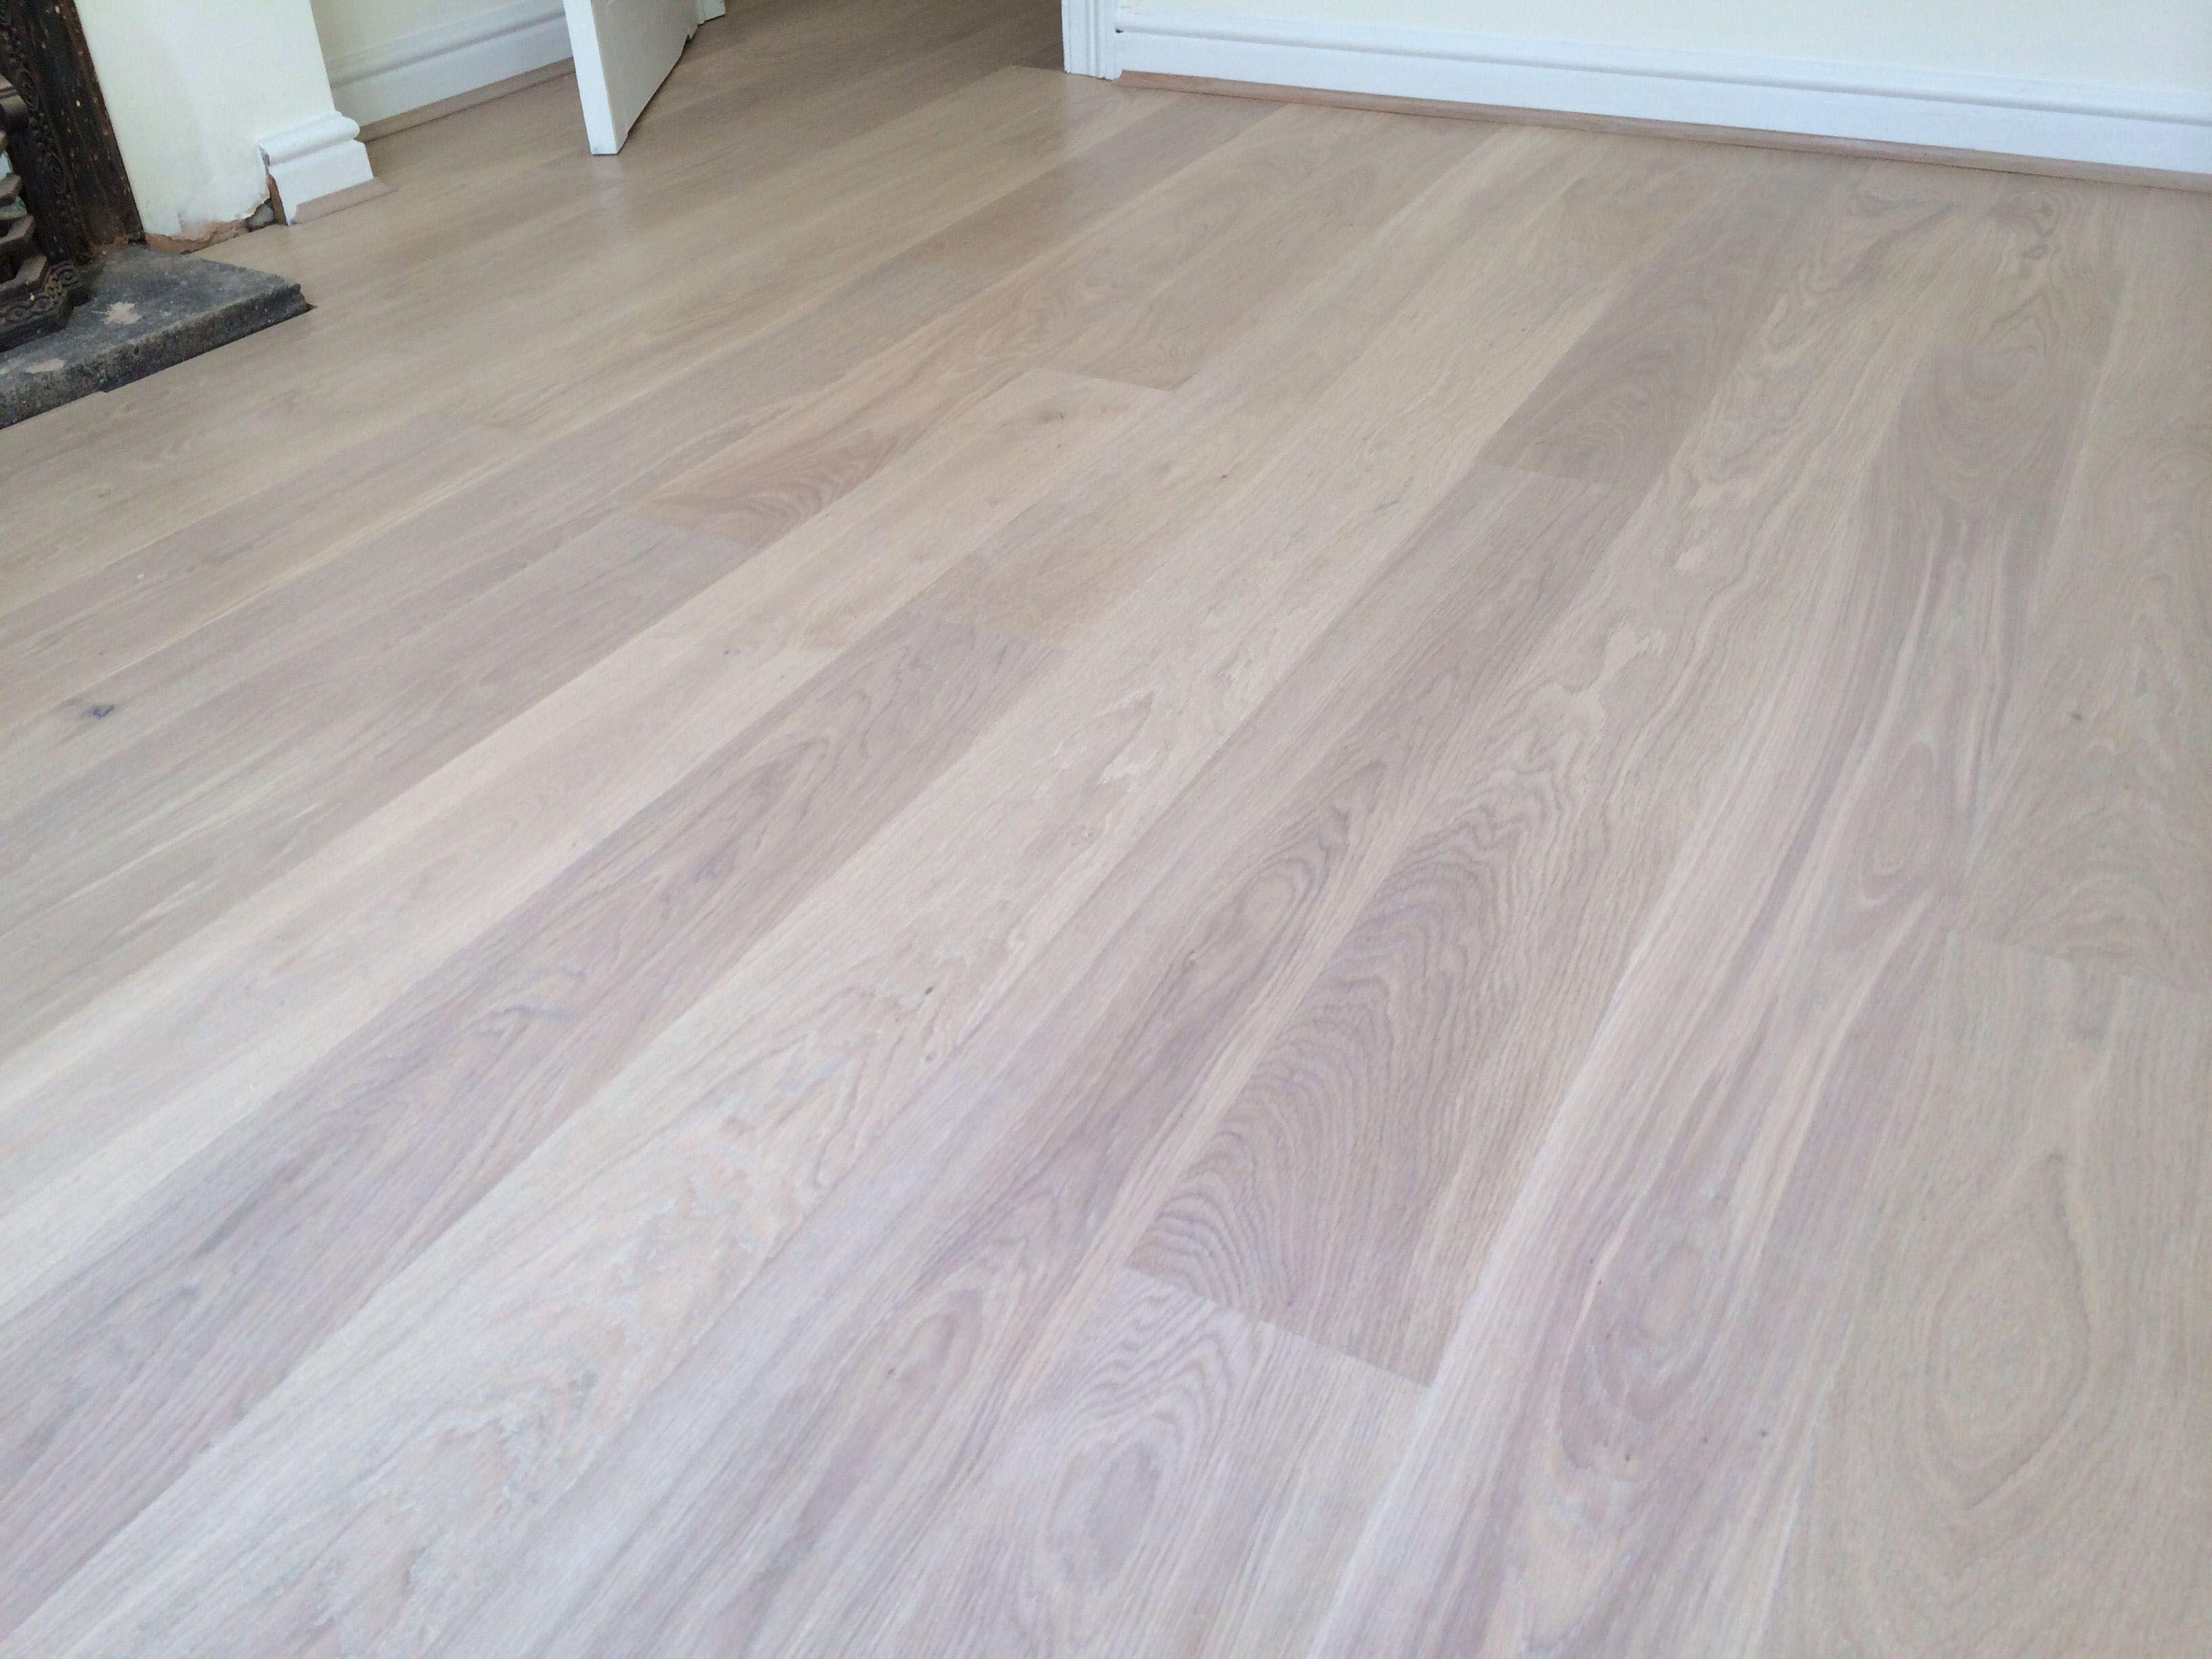 7 Advantages Of White Oak Hardwood Flooring White Oak Hardwood